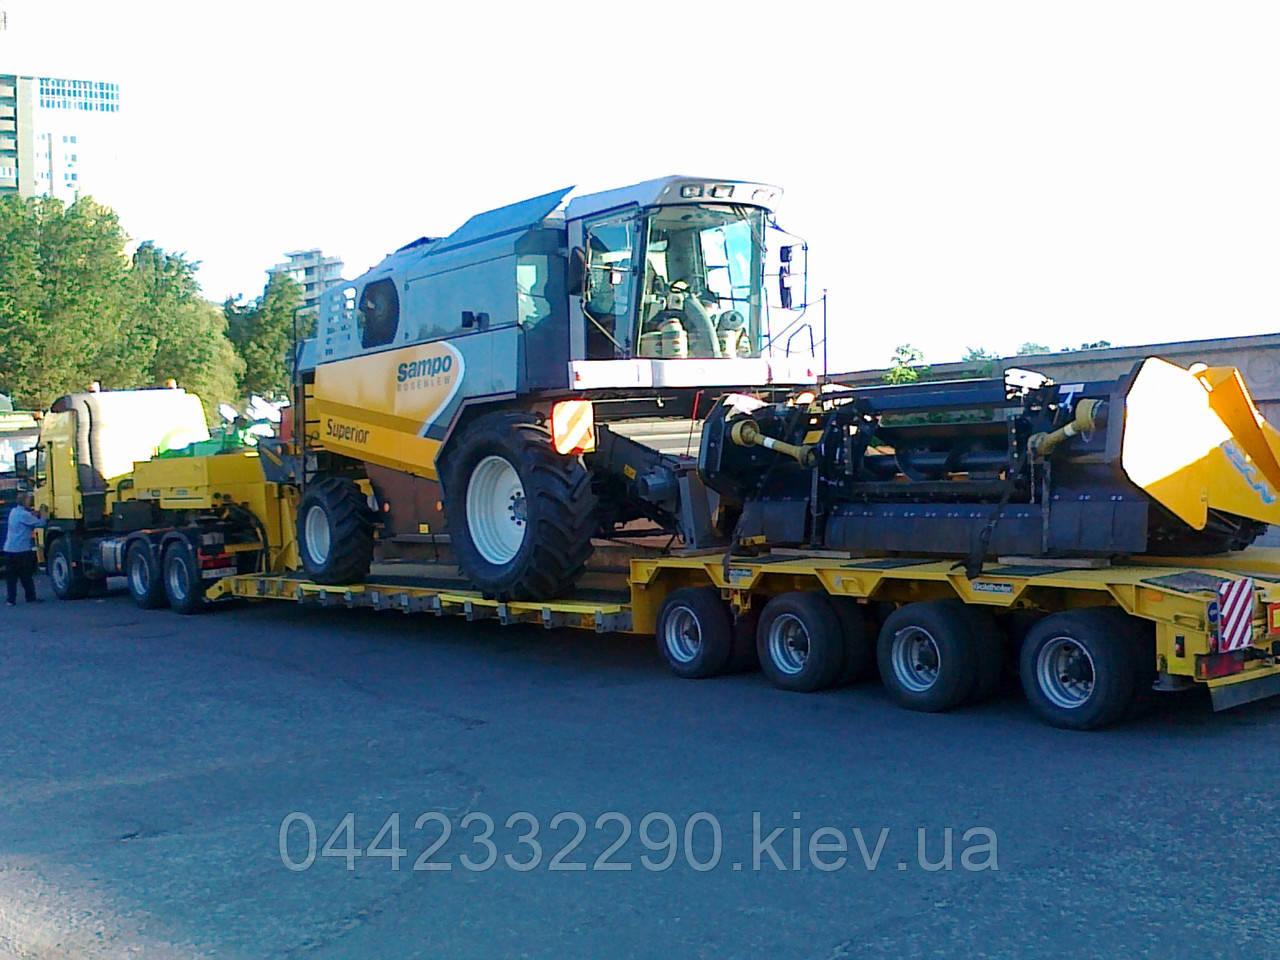 Перевозка сельскохозяйственной техники - Украина